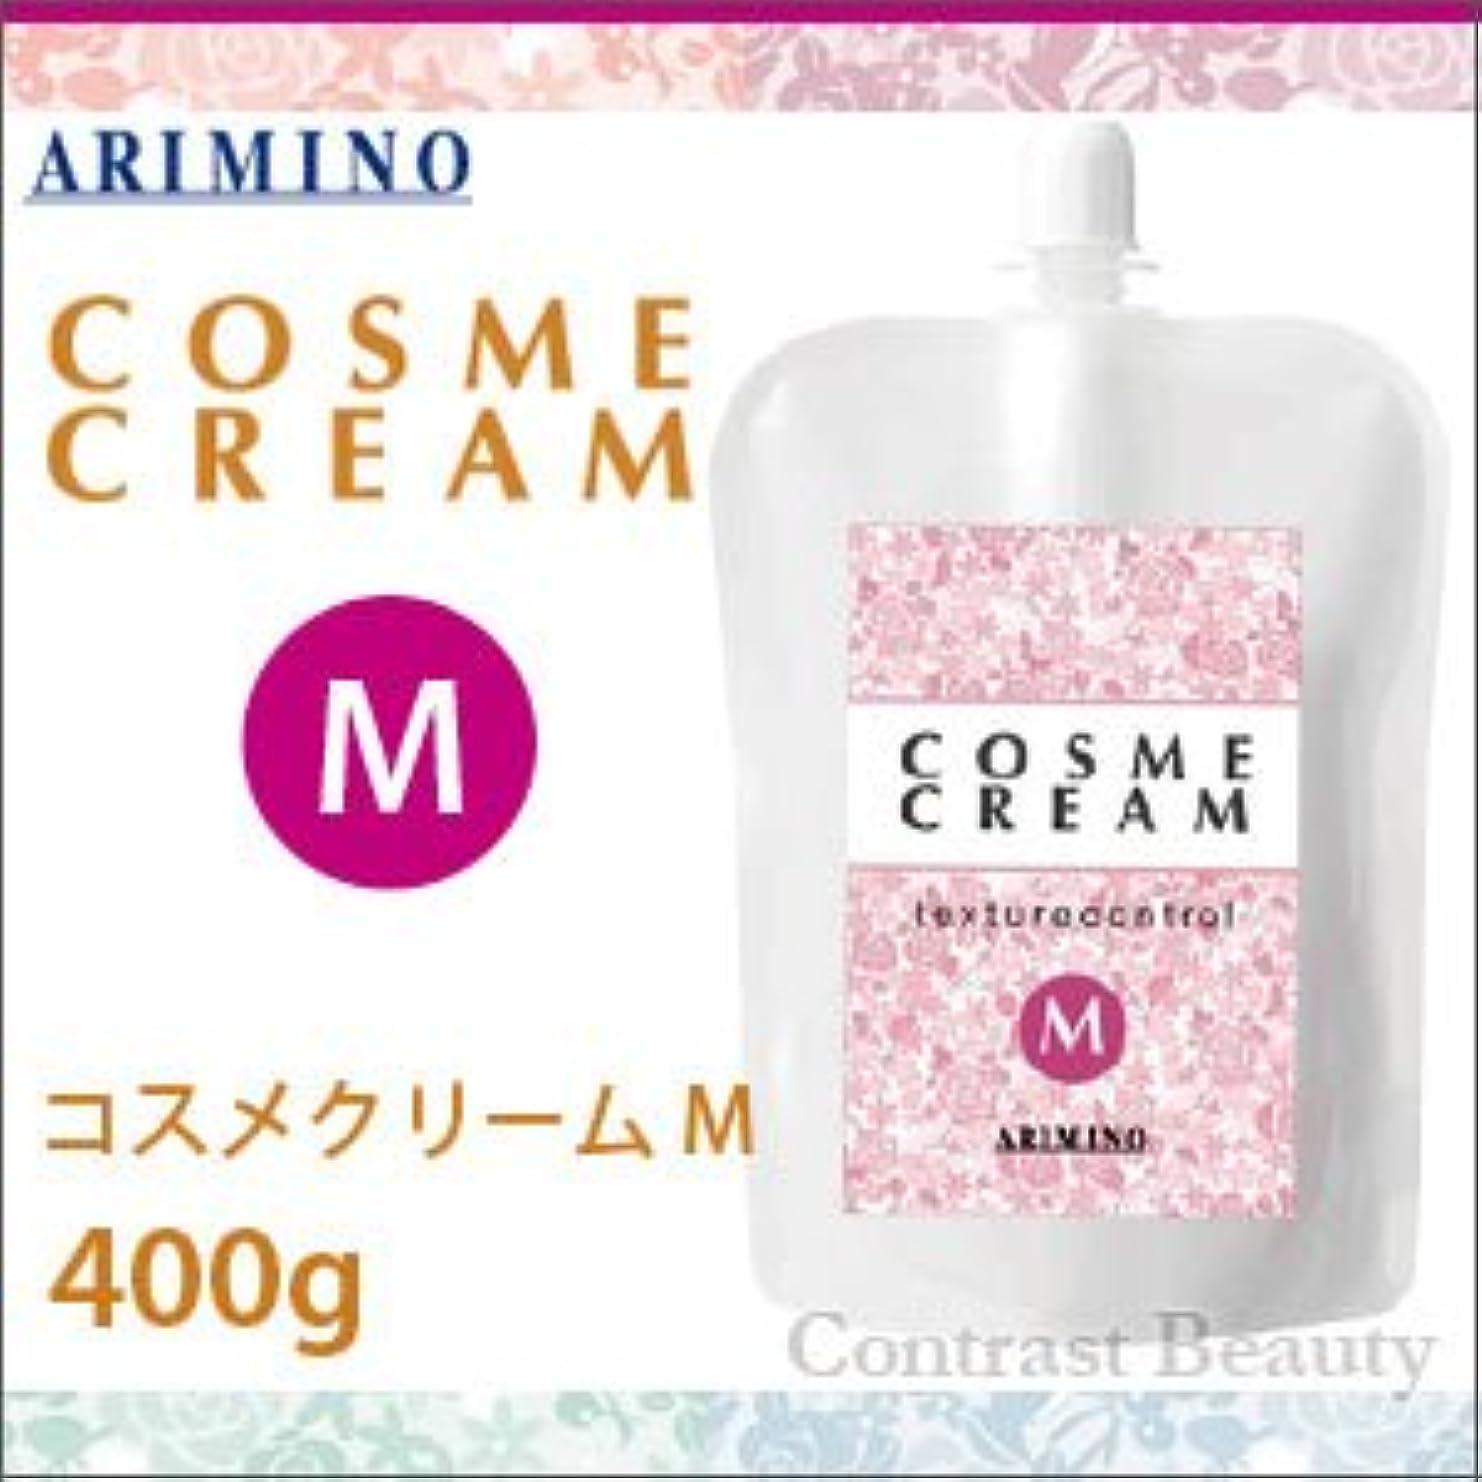 凍るプランター蒸留アリミノ コスメクリーム M 400g